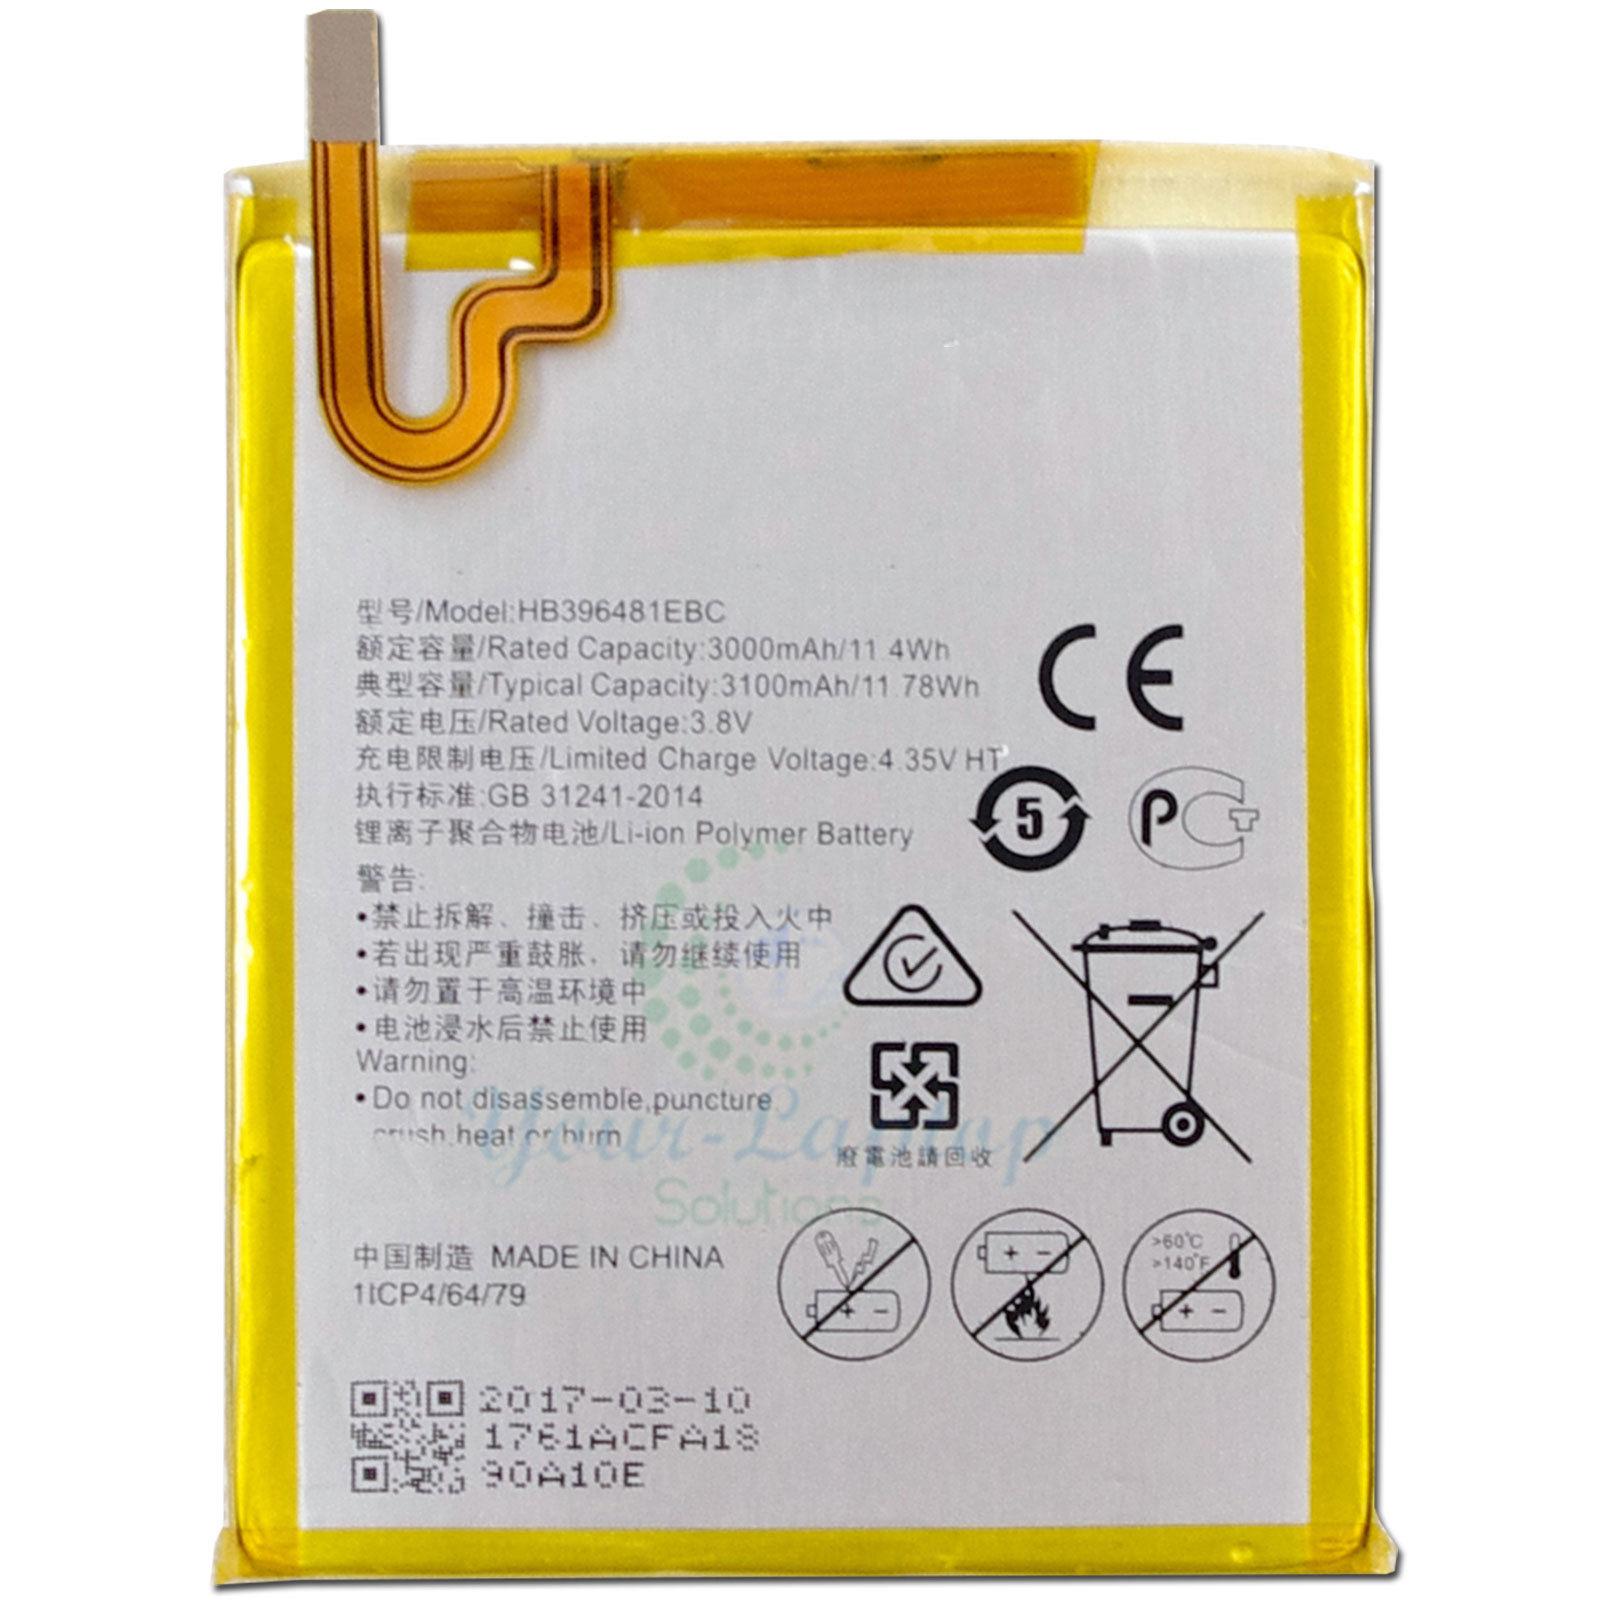 باتری موبایل هوآوی مدل HB396481EBC با ظرفیت ۳۰۰۰mAh مناسب برای گوشی موبایل هوآوی G8